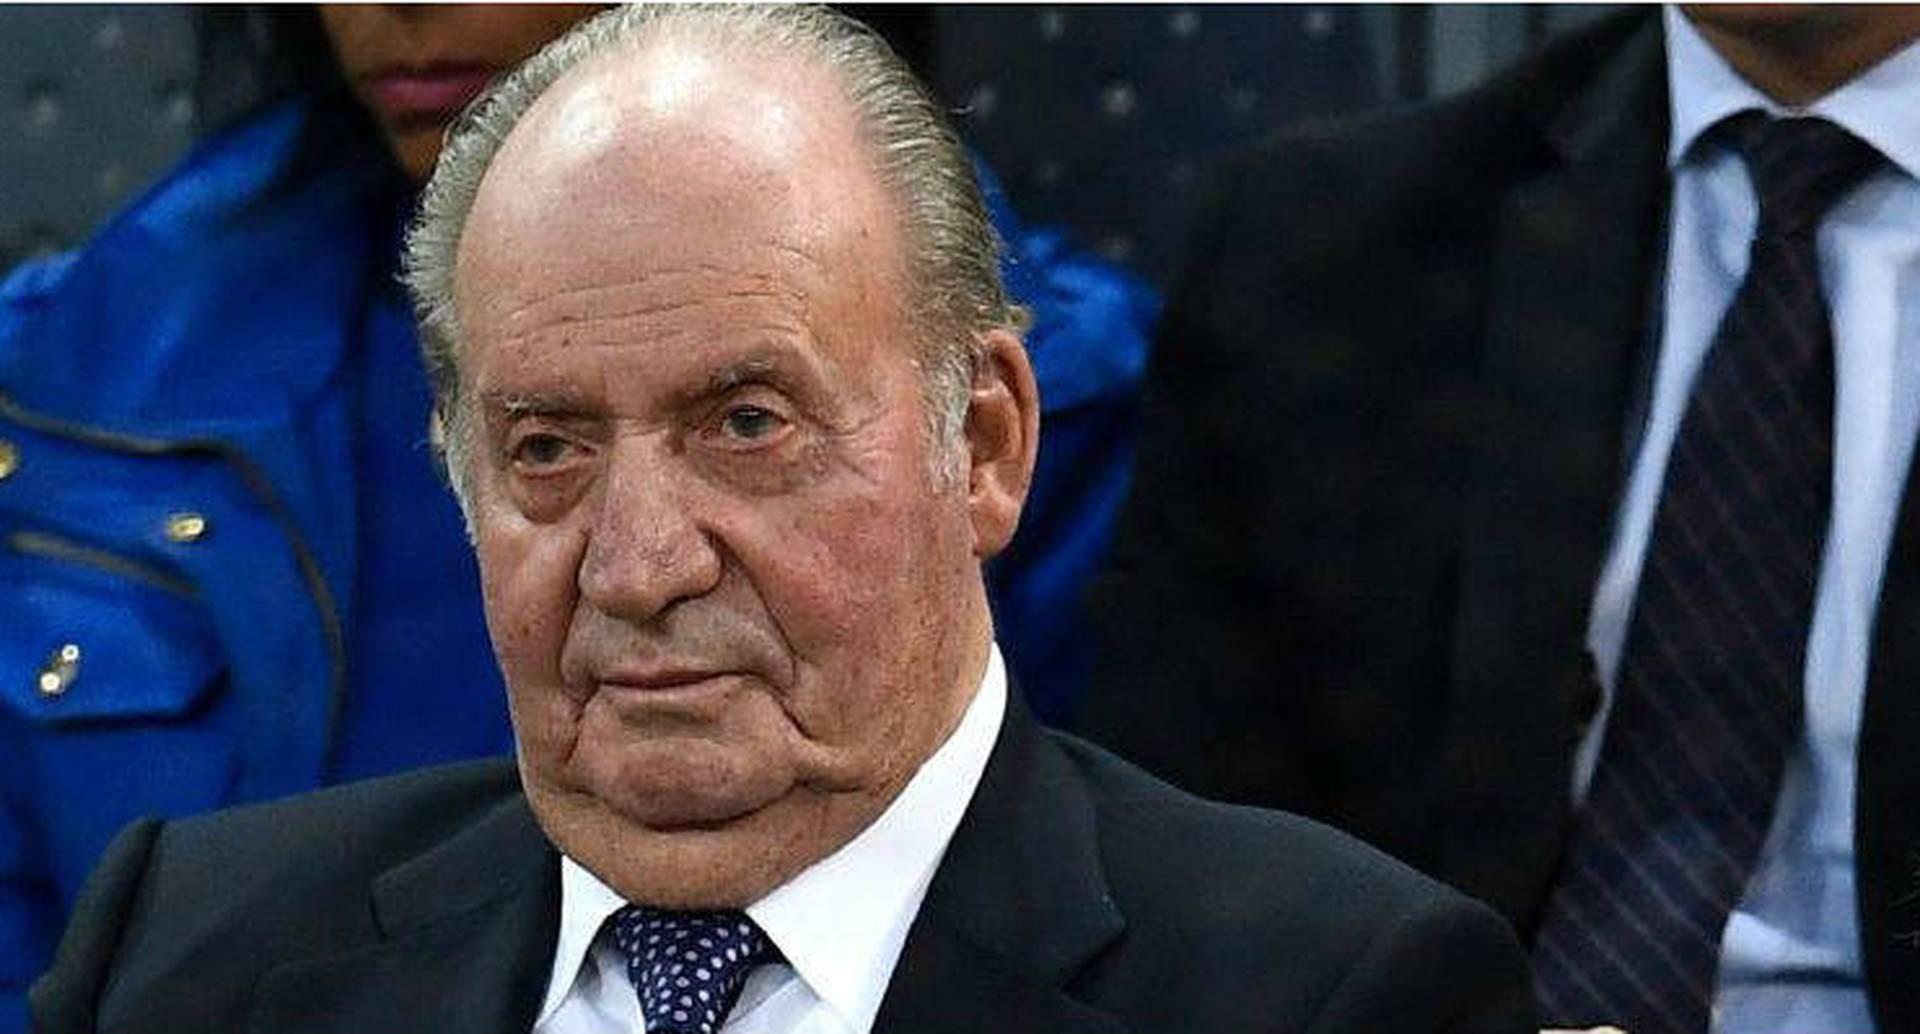 El rey Juan Carlos anunció el 3 de agosto que dejaba España por el bien de su hijo, el rey Felipe VI. Juan Carlos ha estado envuelto en graves escándalos de corrupción.